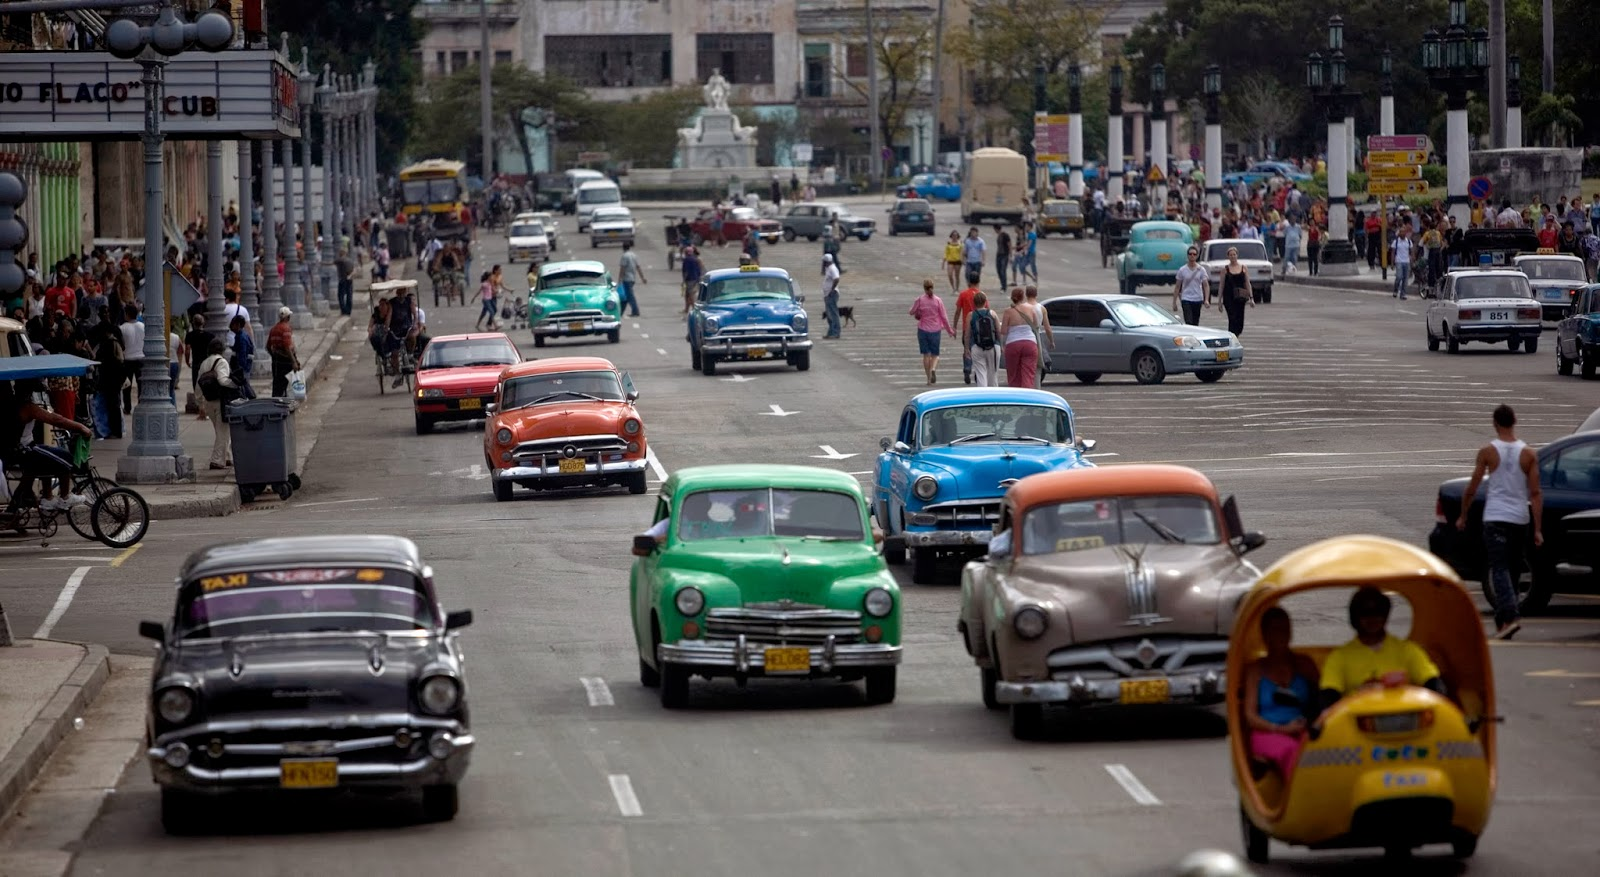 © Automotiveblogz: Back Cars in Cuba Photos